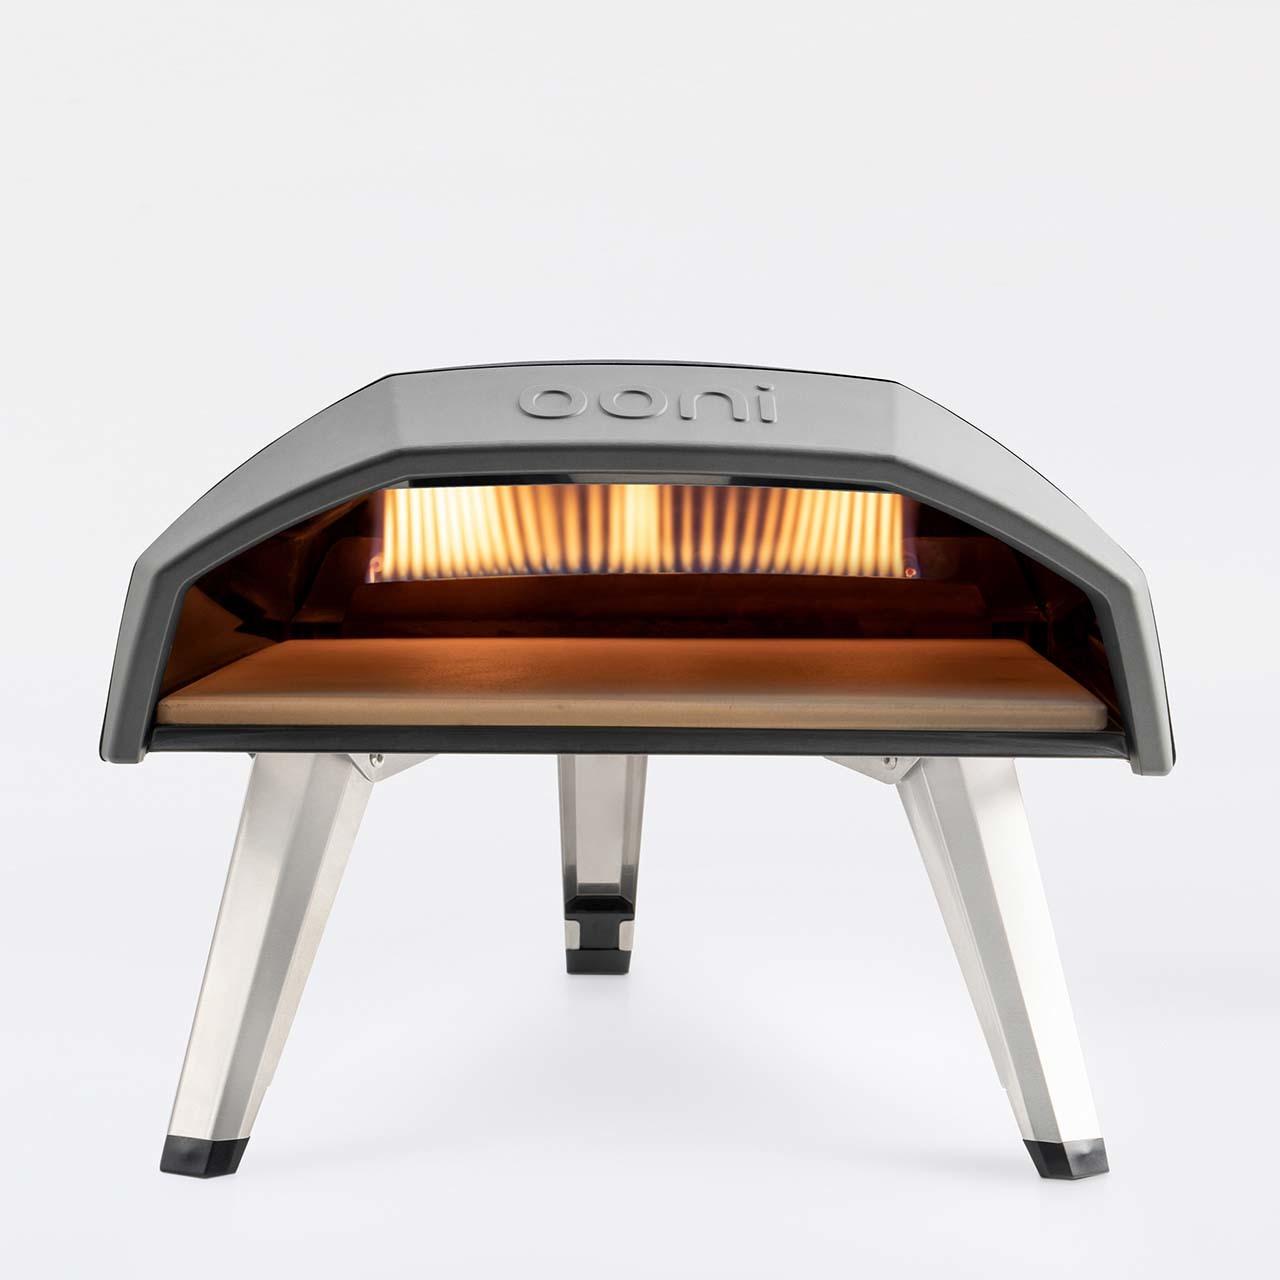 Ooni Koda Gas-Powered Outdoor Pizza Oven £199.20 @ Dobbies Garden Centre